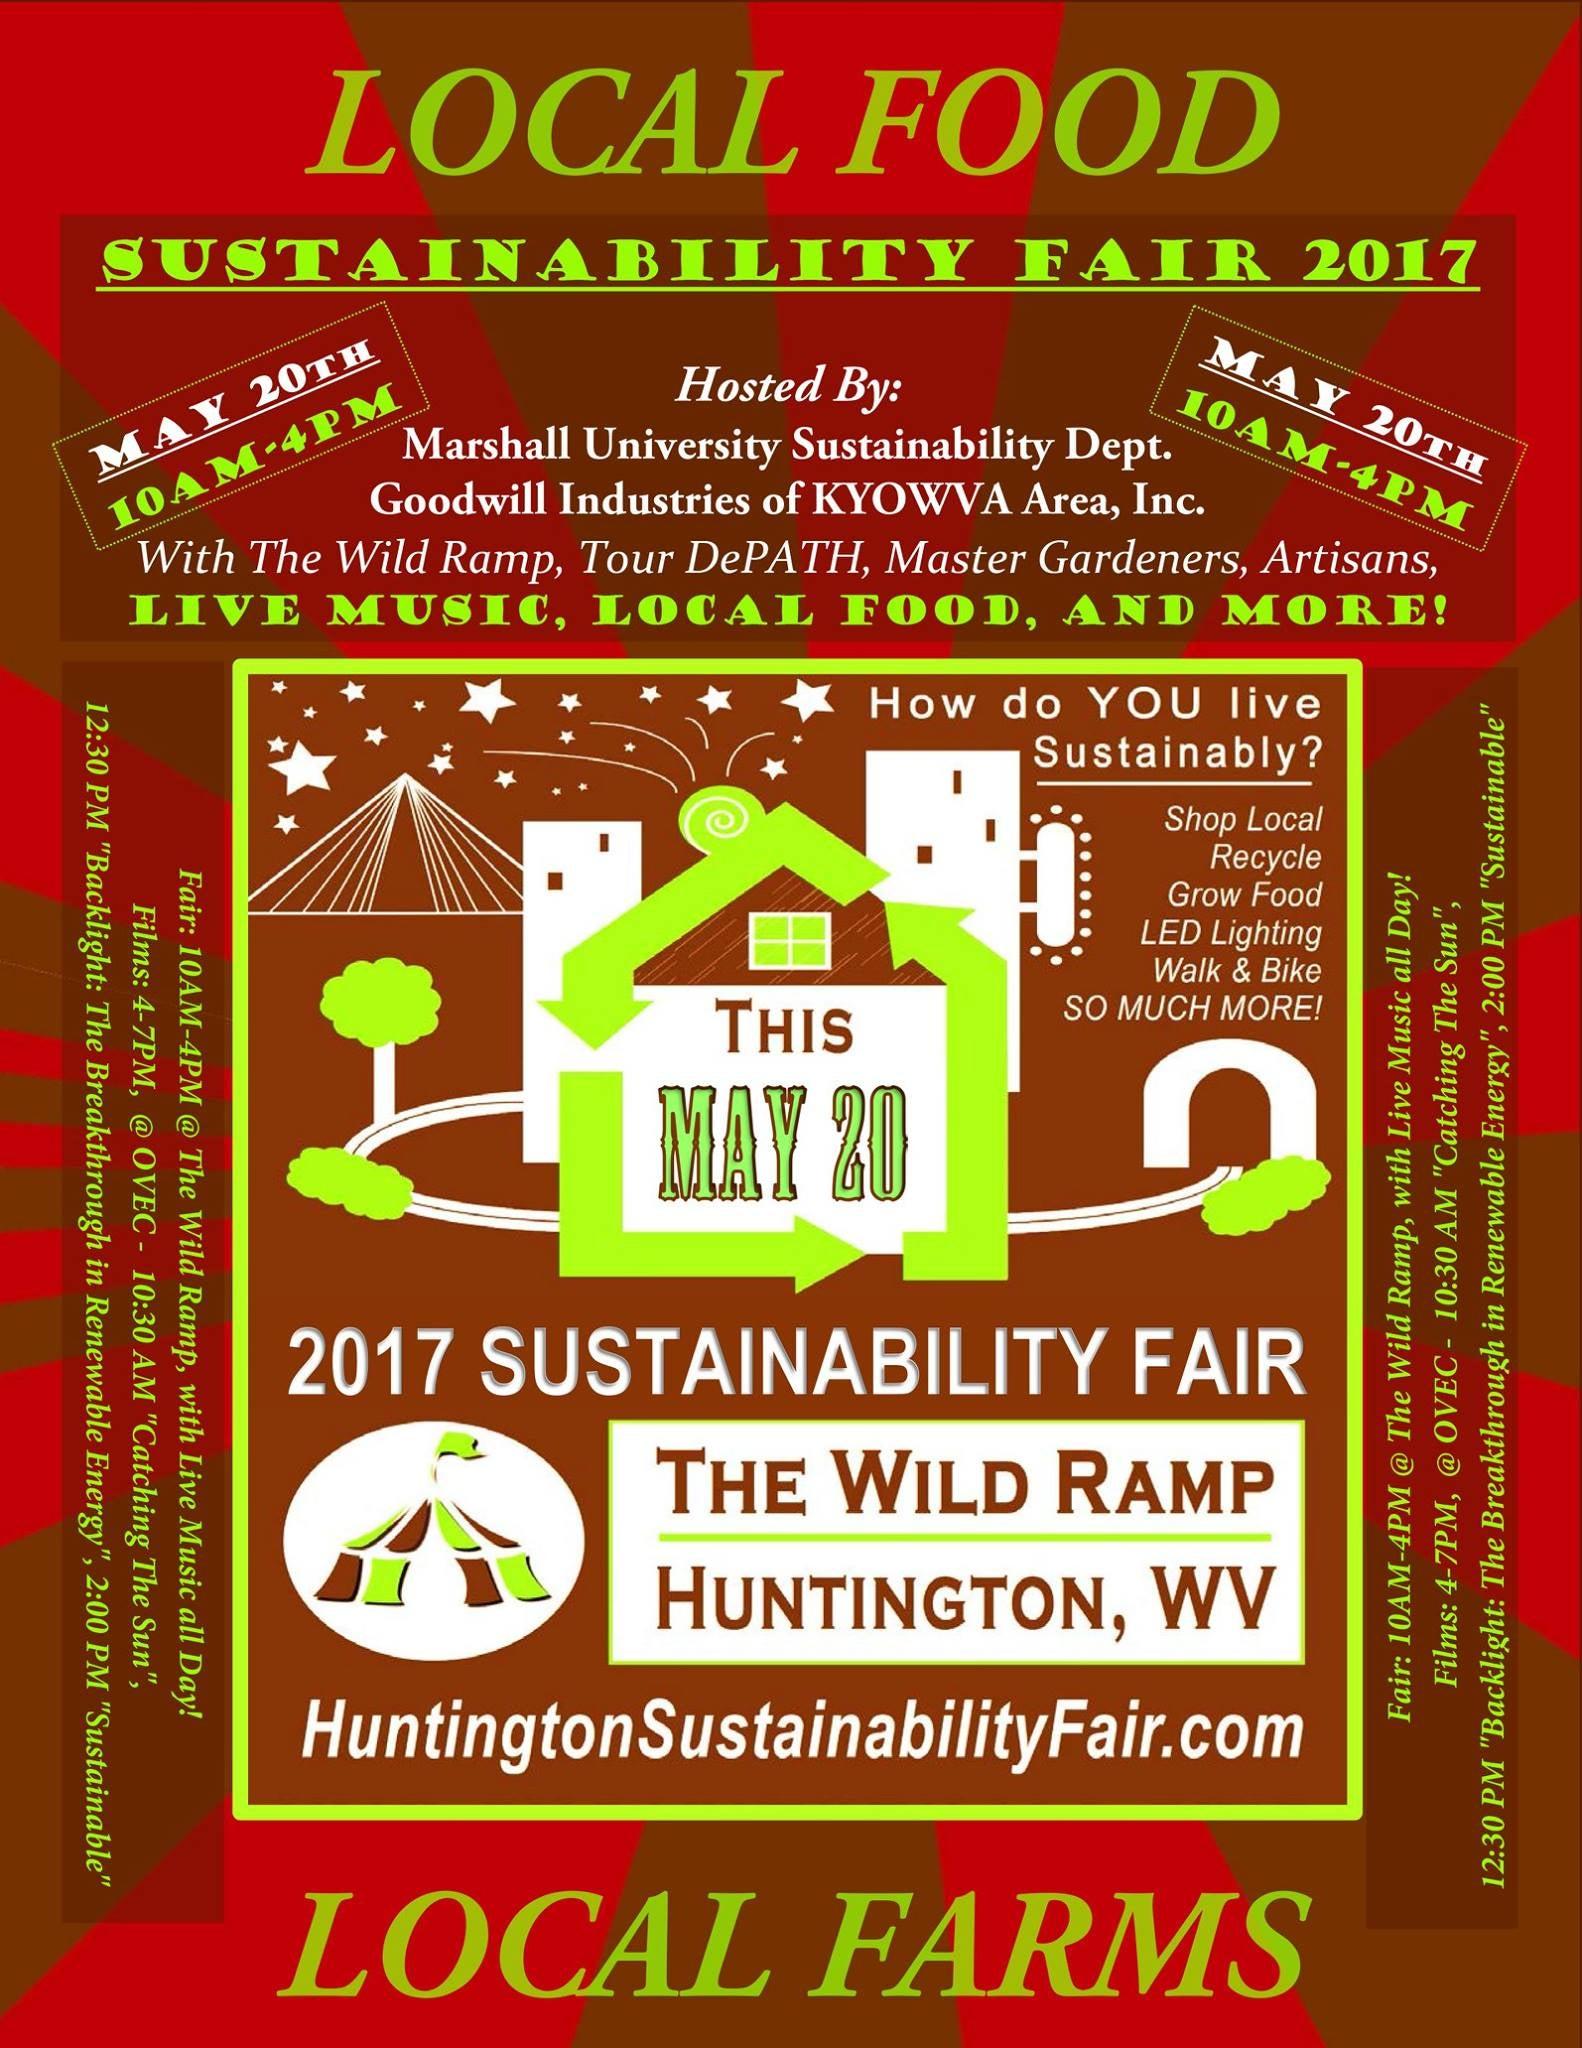 The 3rd Annual Huntington Sustainability Fair